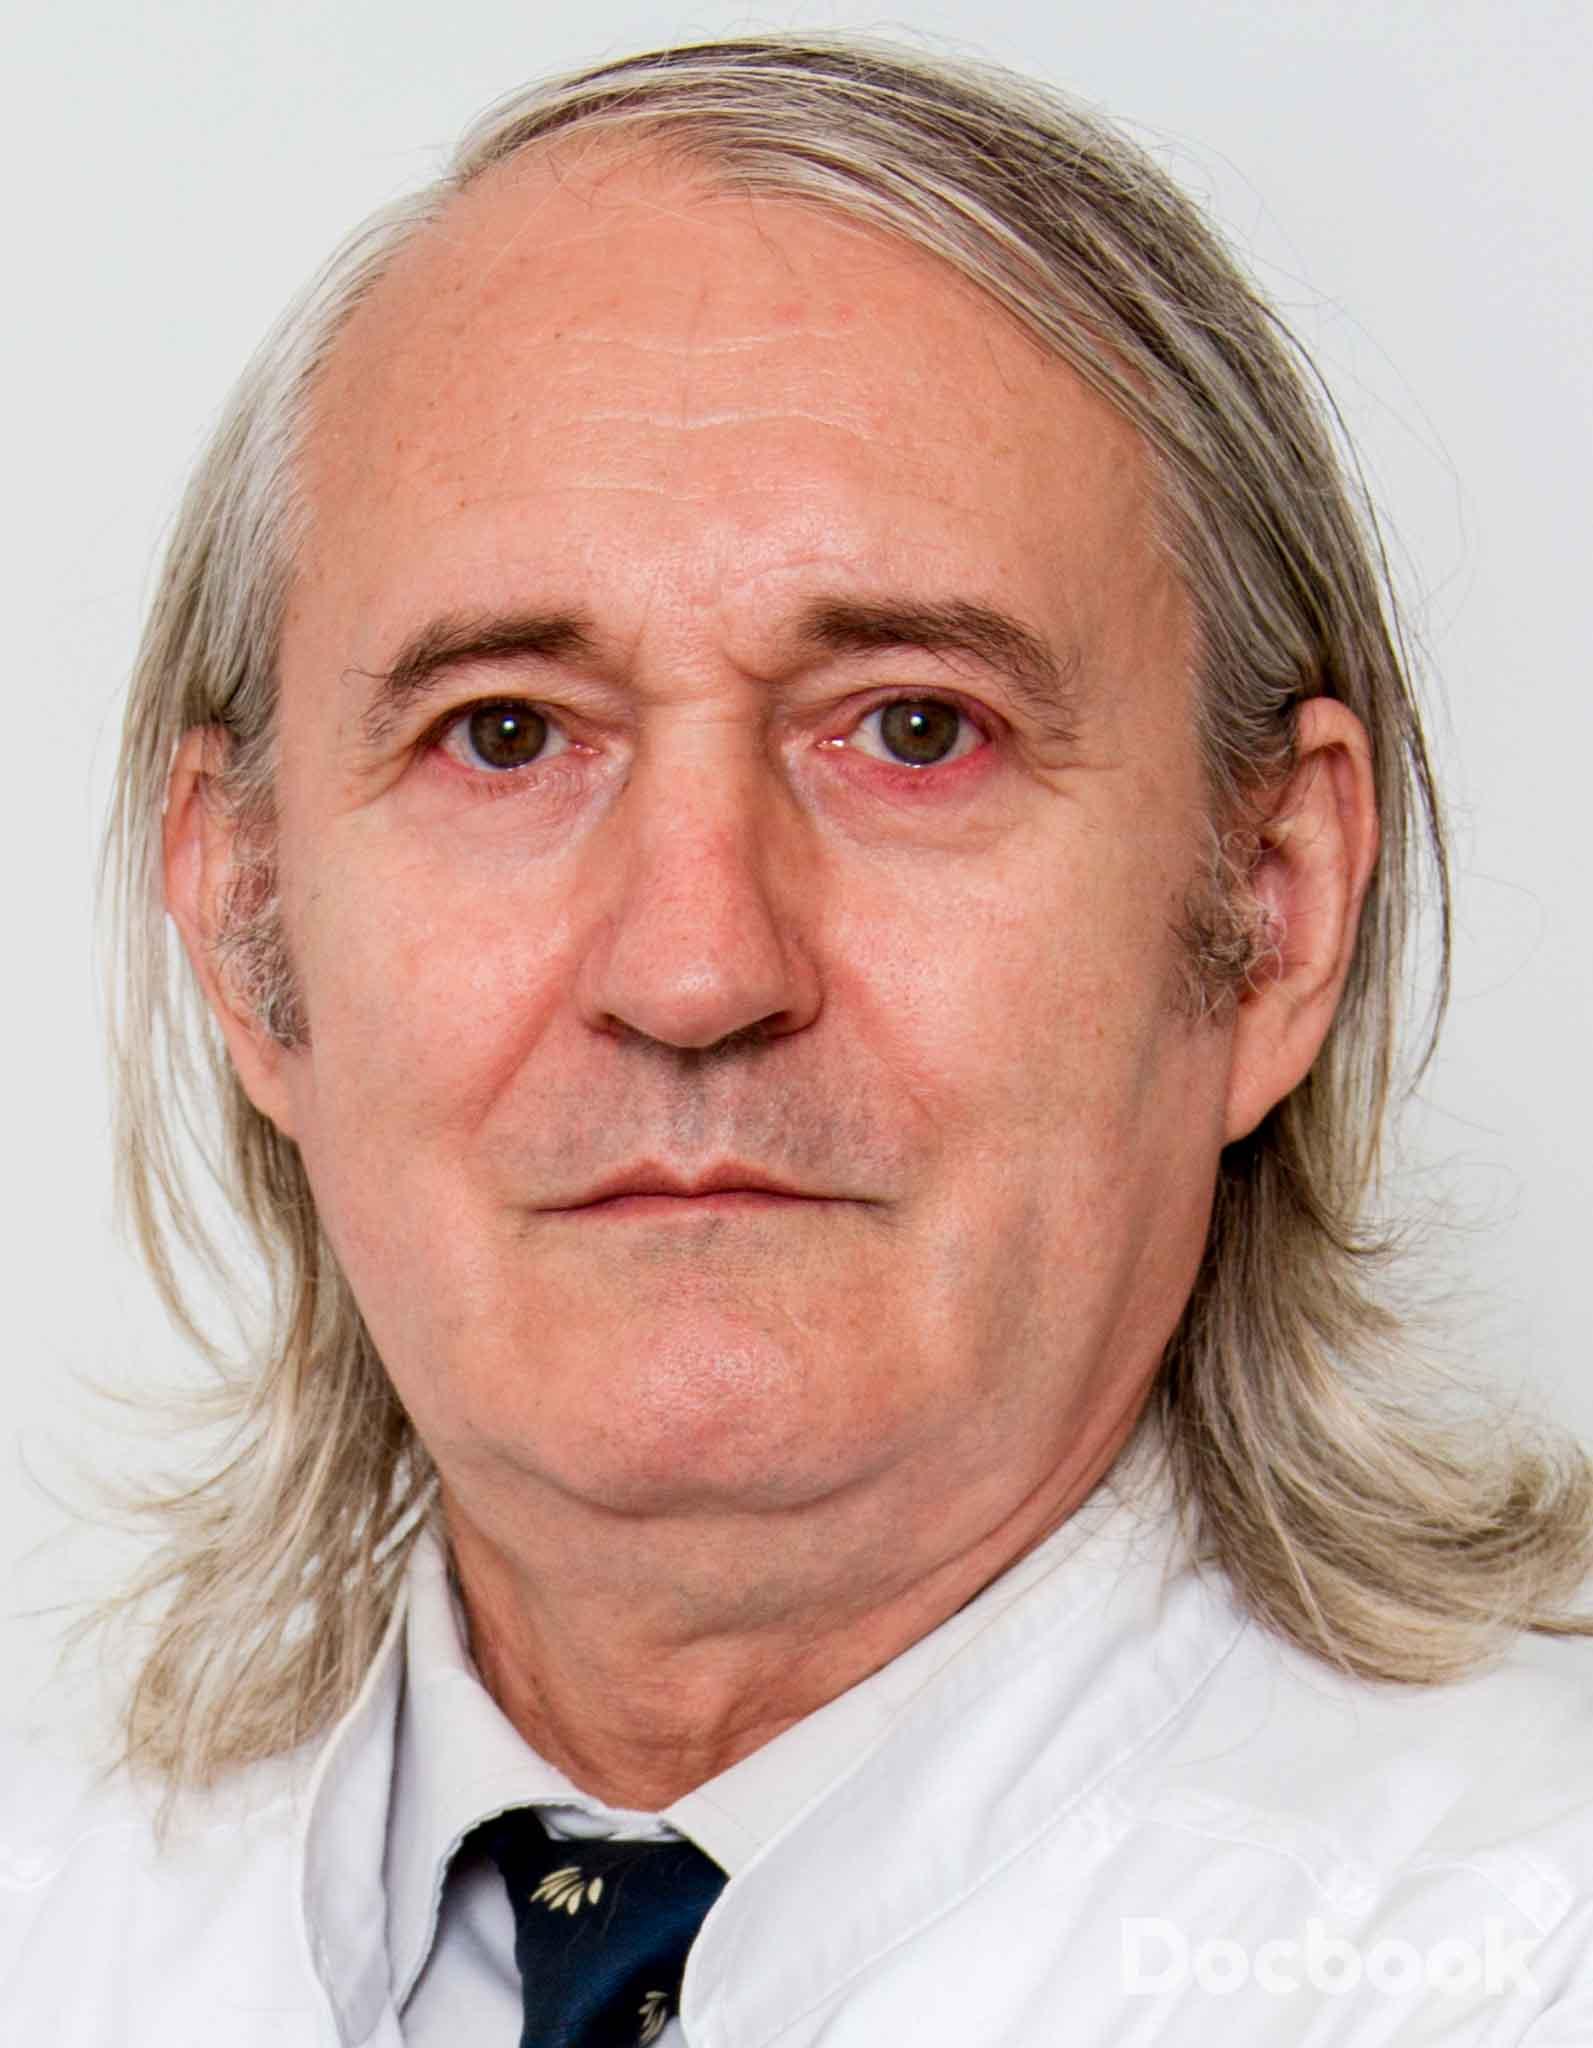 Dr. Mihai Flueras